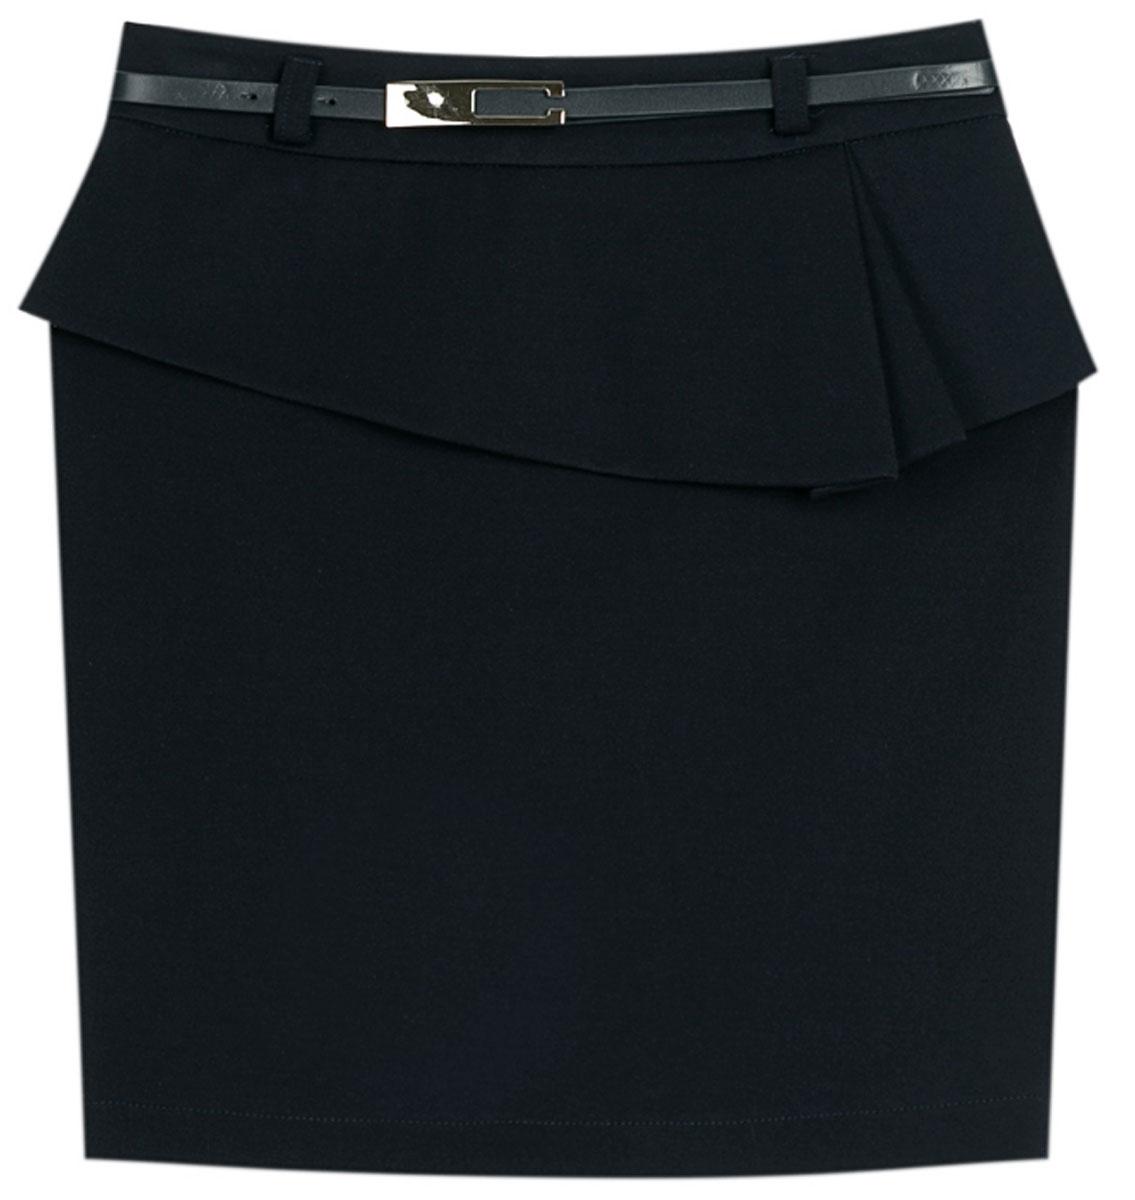 Юбка для девочки Vitacci, цвет: черный. 2173043L-03. Размер 1522173043L-03Стильная юбка для девочки от Vitacci выполнена из вискозы и нейлона с добавлением эластана. Модель дополнена ремешком и баской, застегивается на молнию.